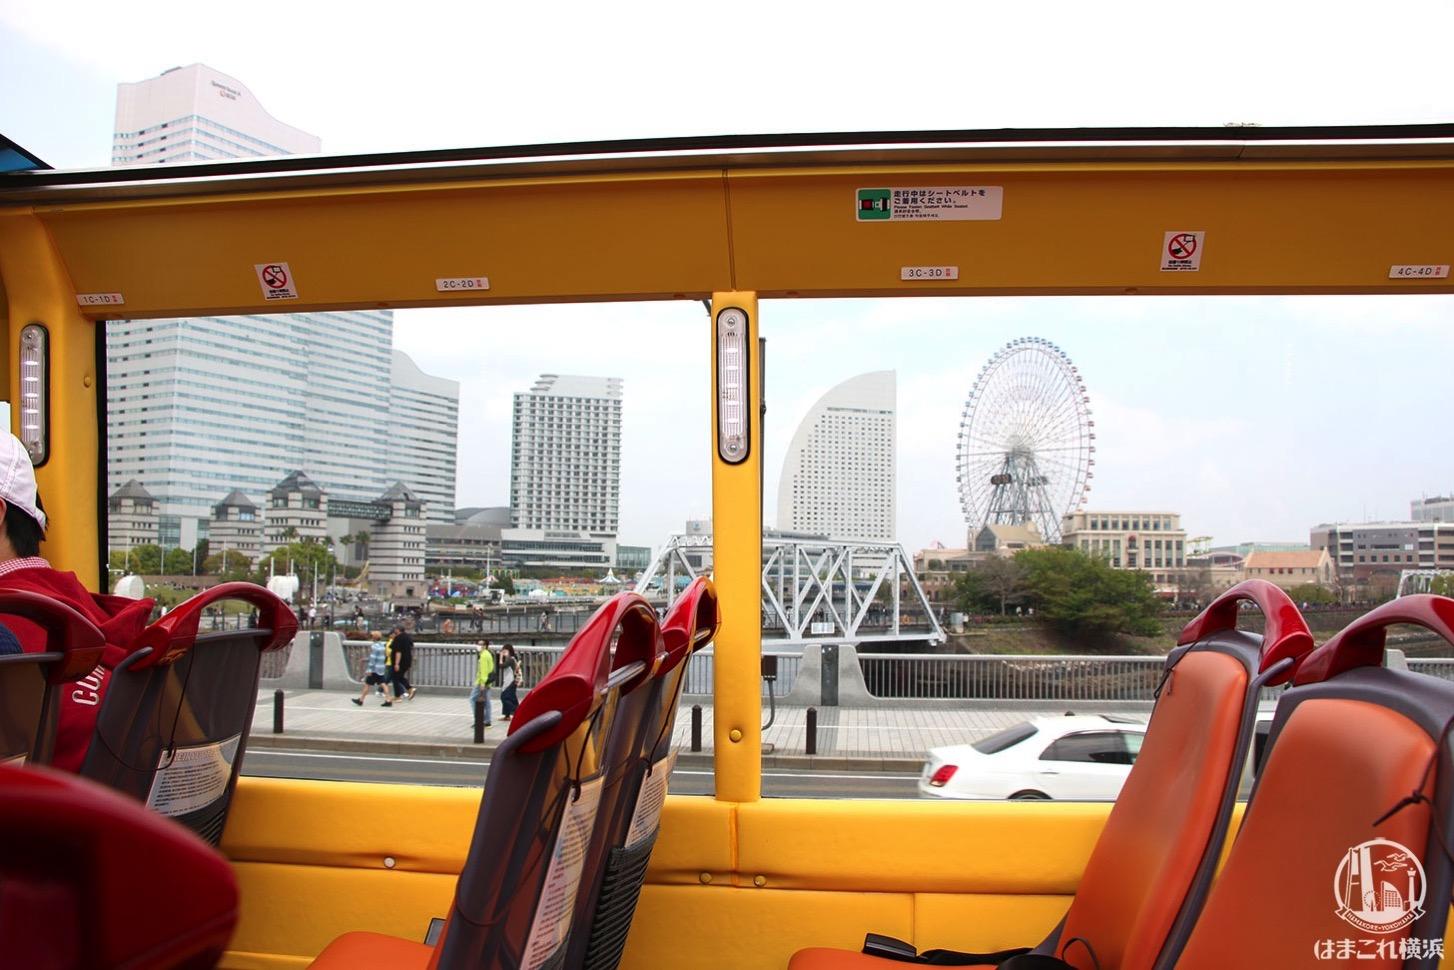 オープントップバスから見たバス車内とみなとみらいの景観